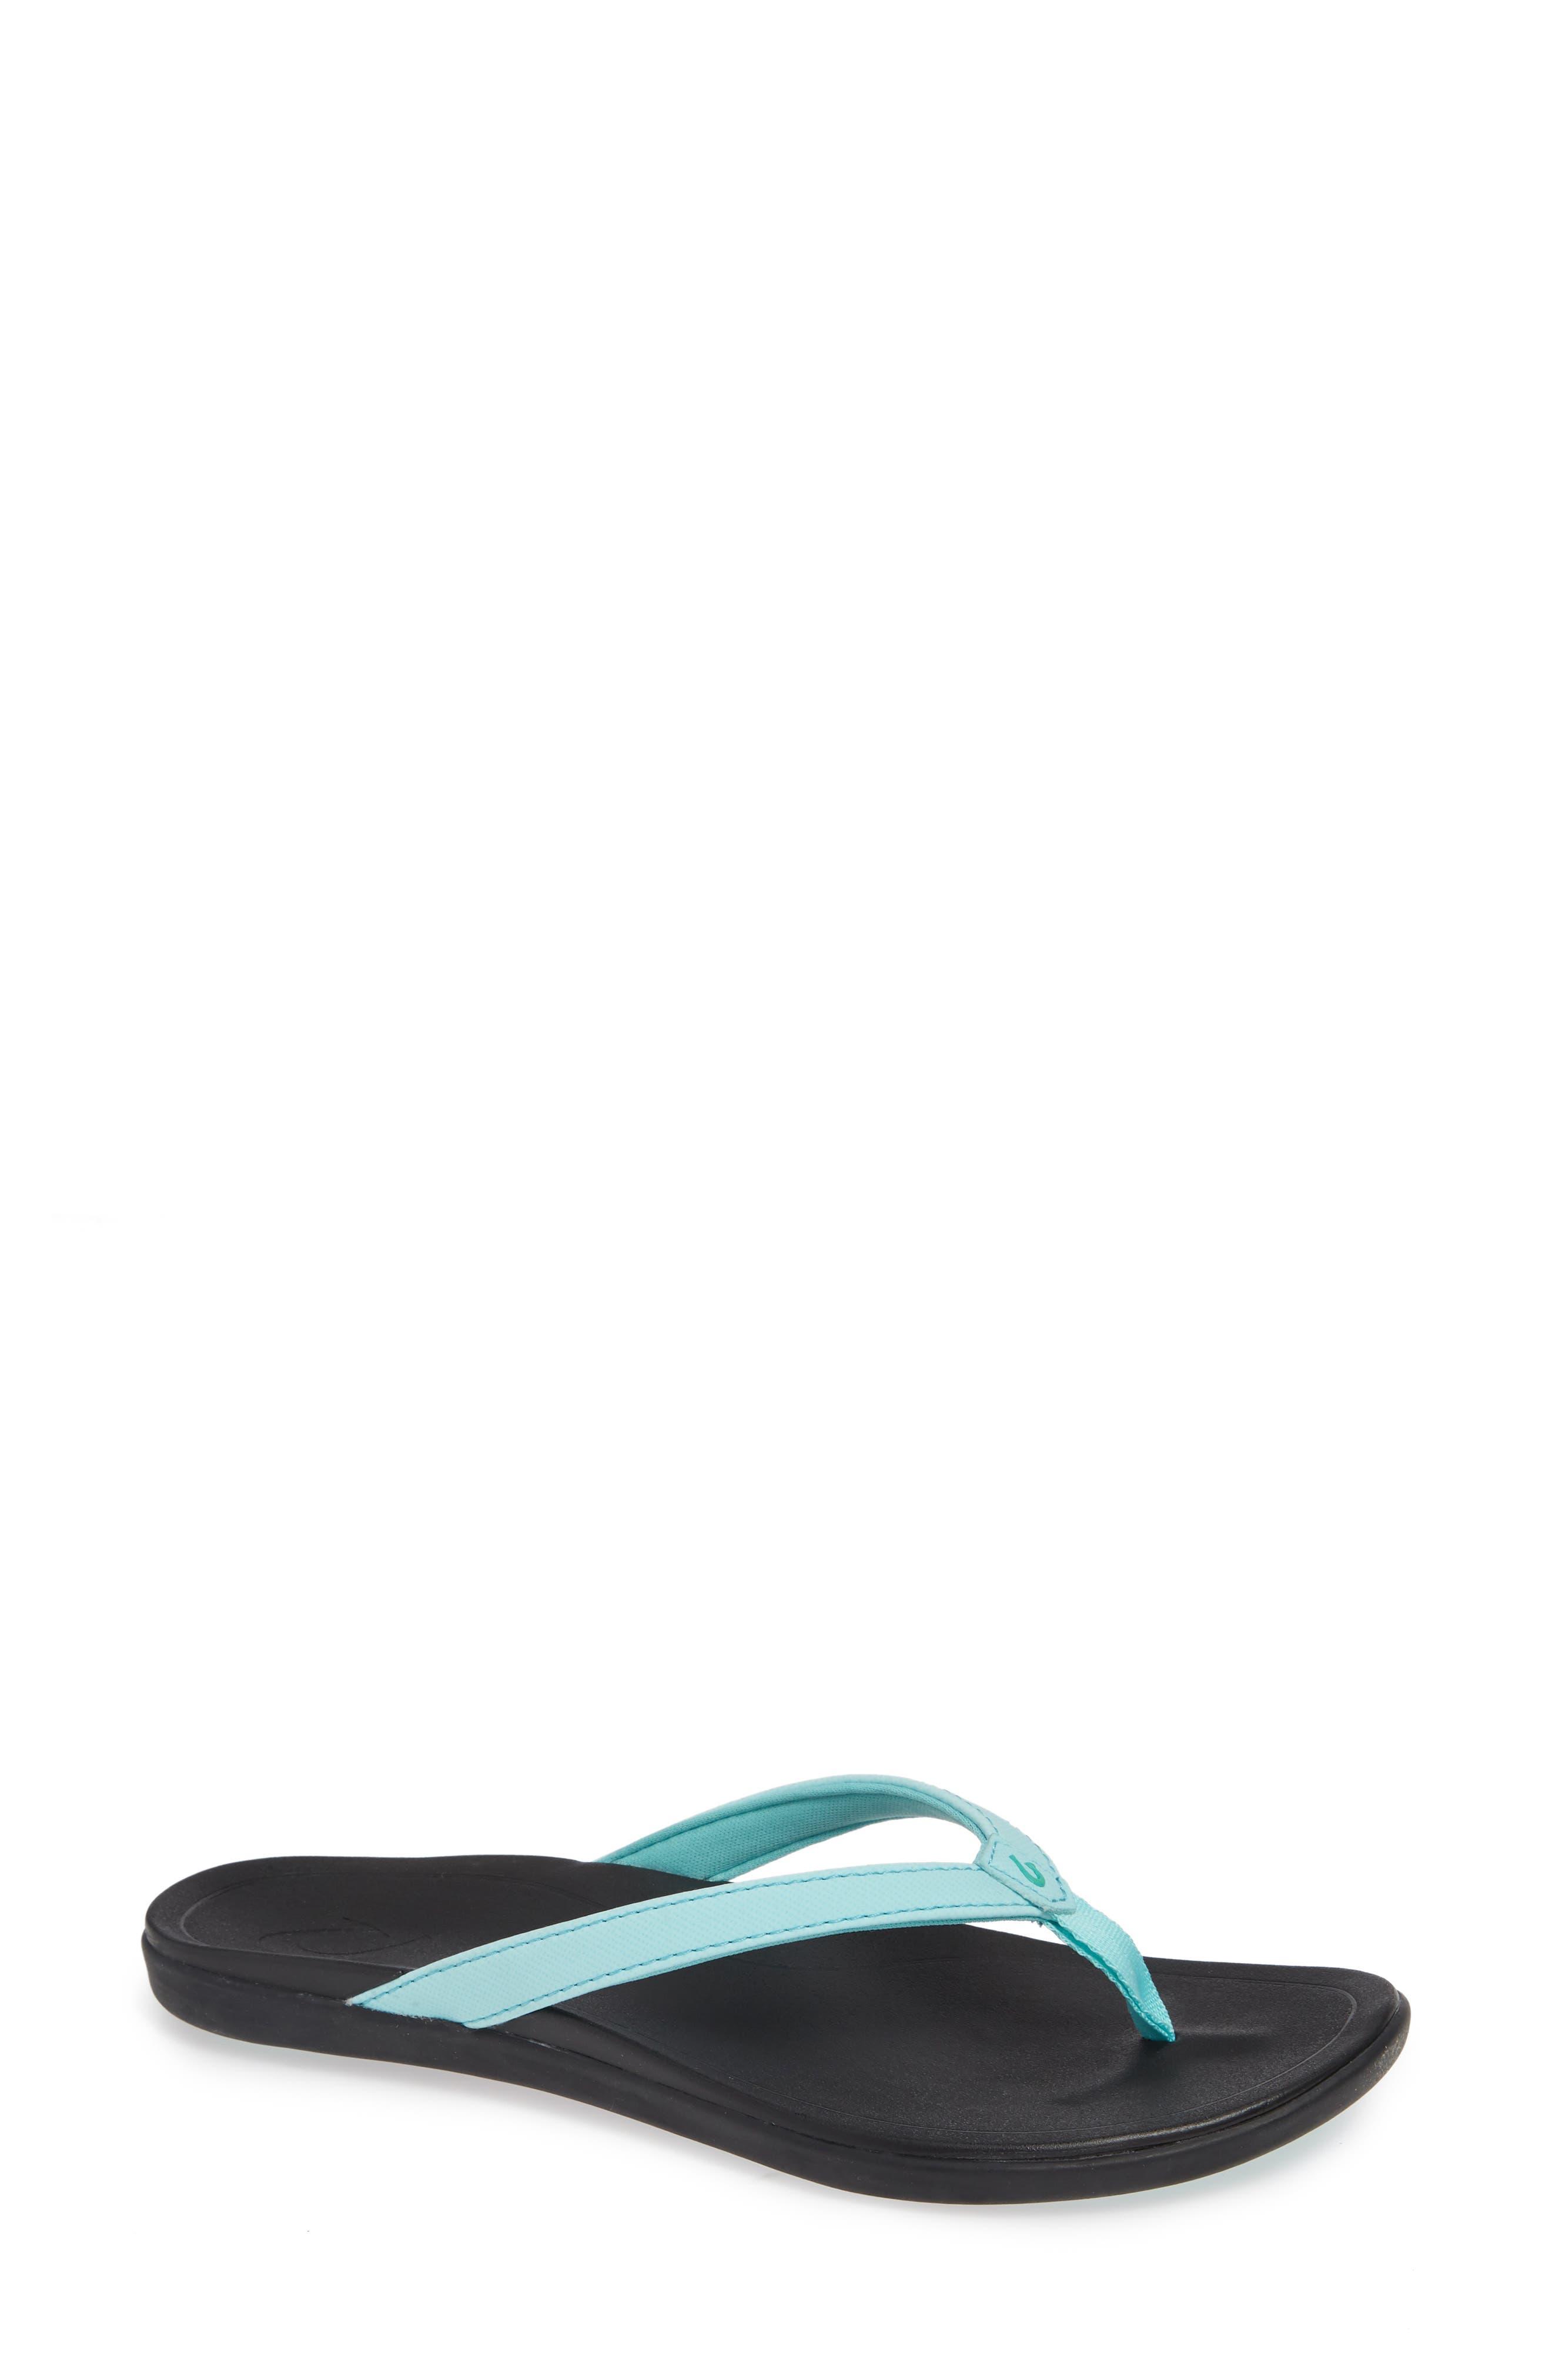 08932c96c Purple Flip-Flops   Sandals for Women